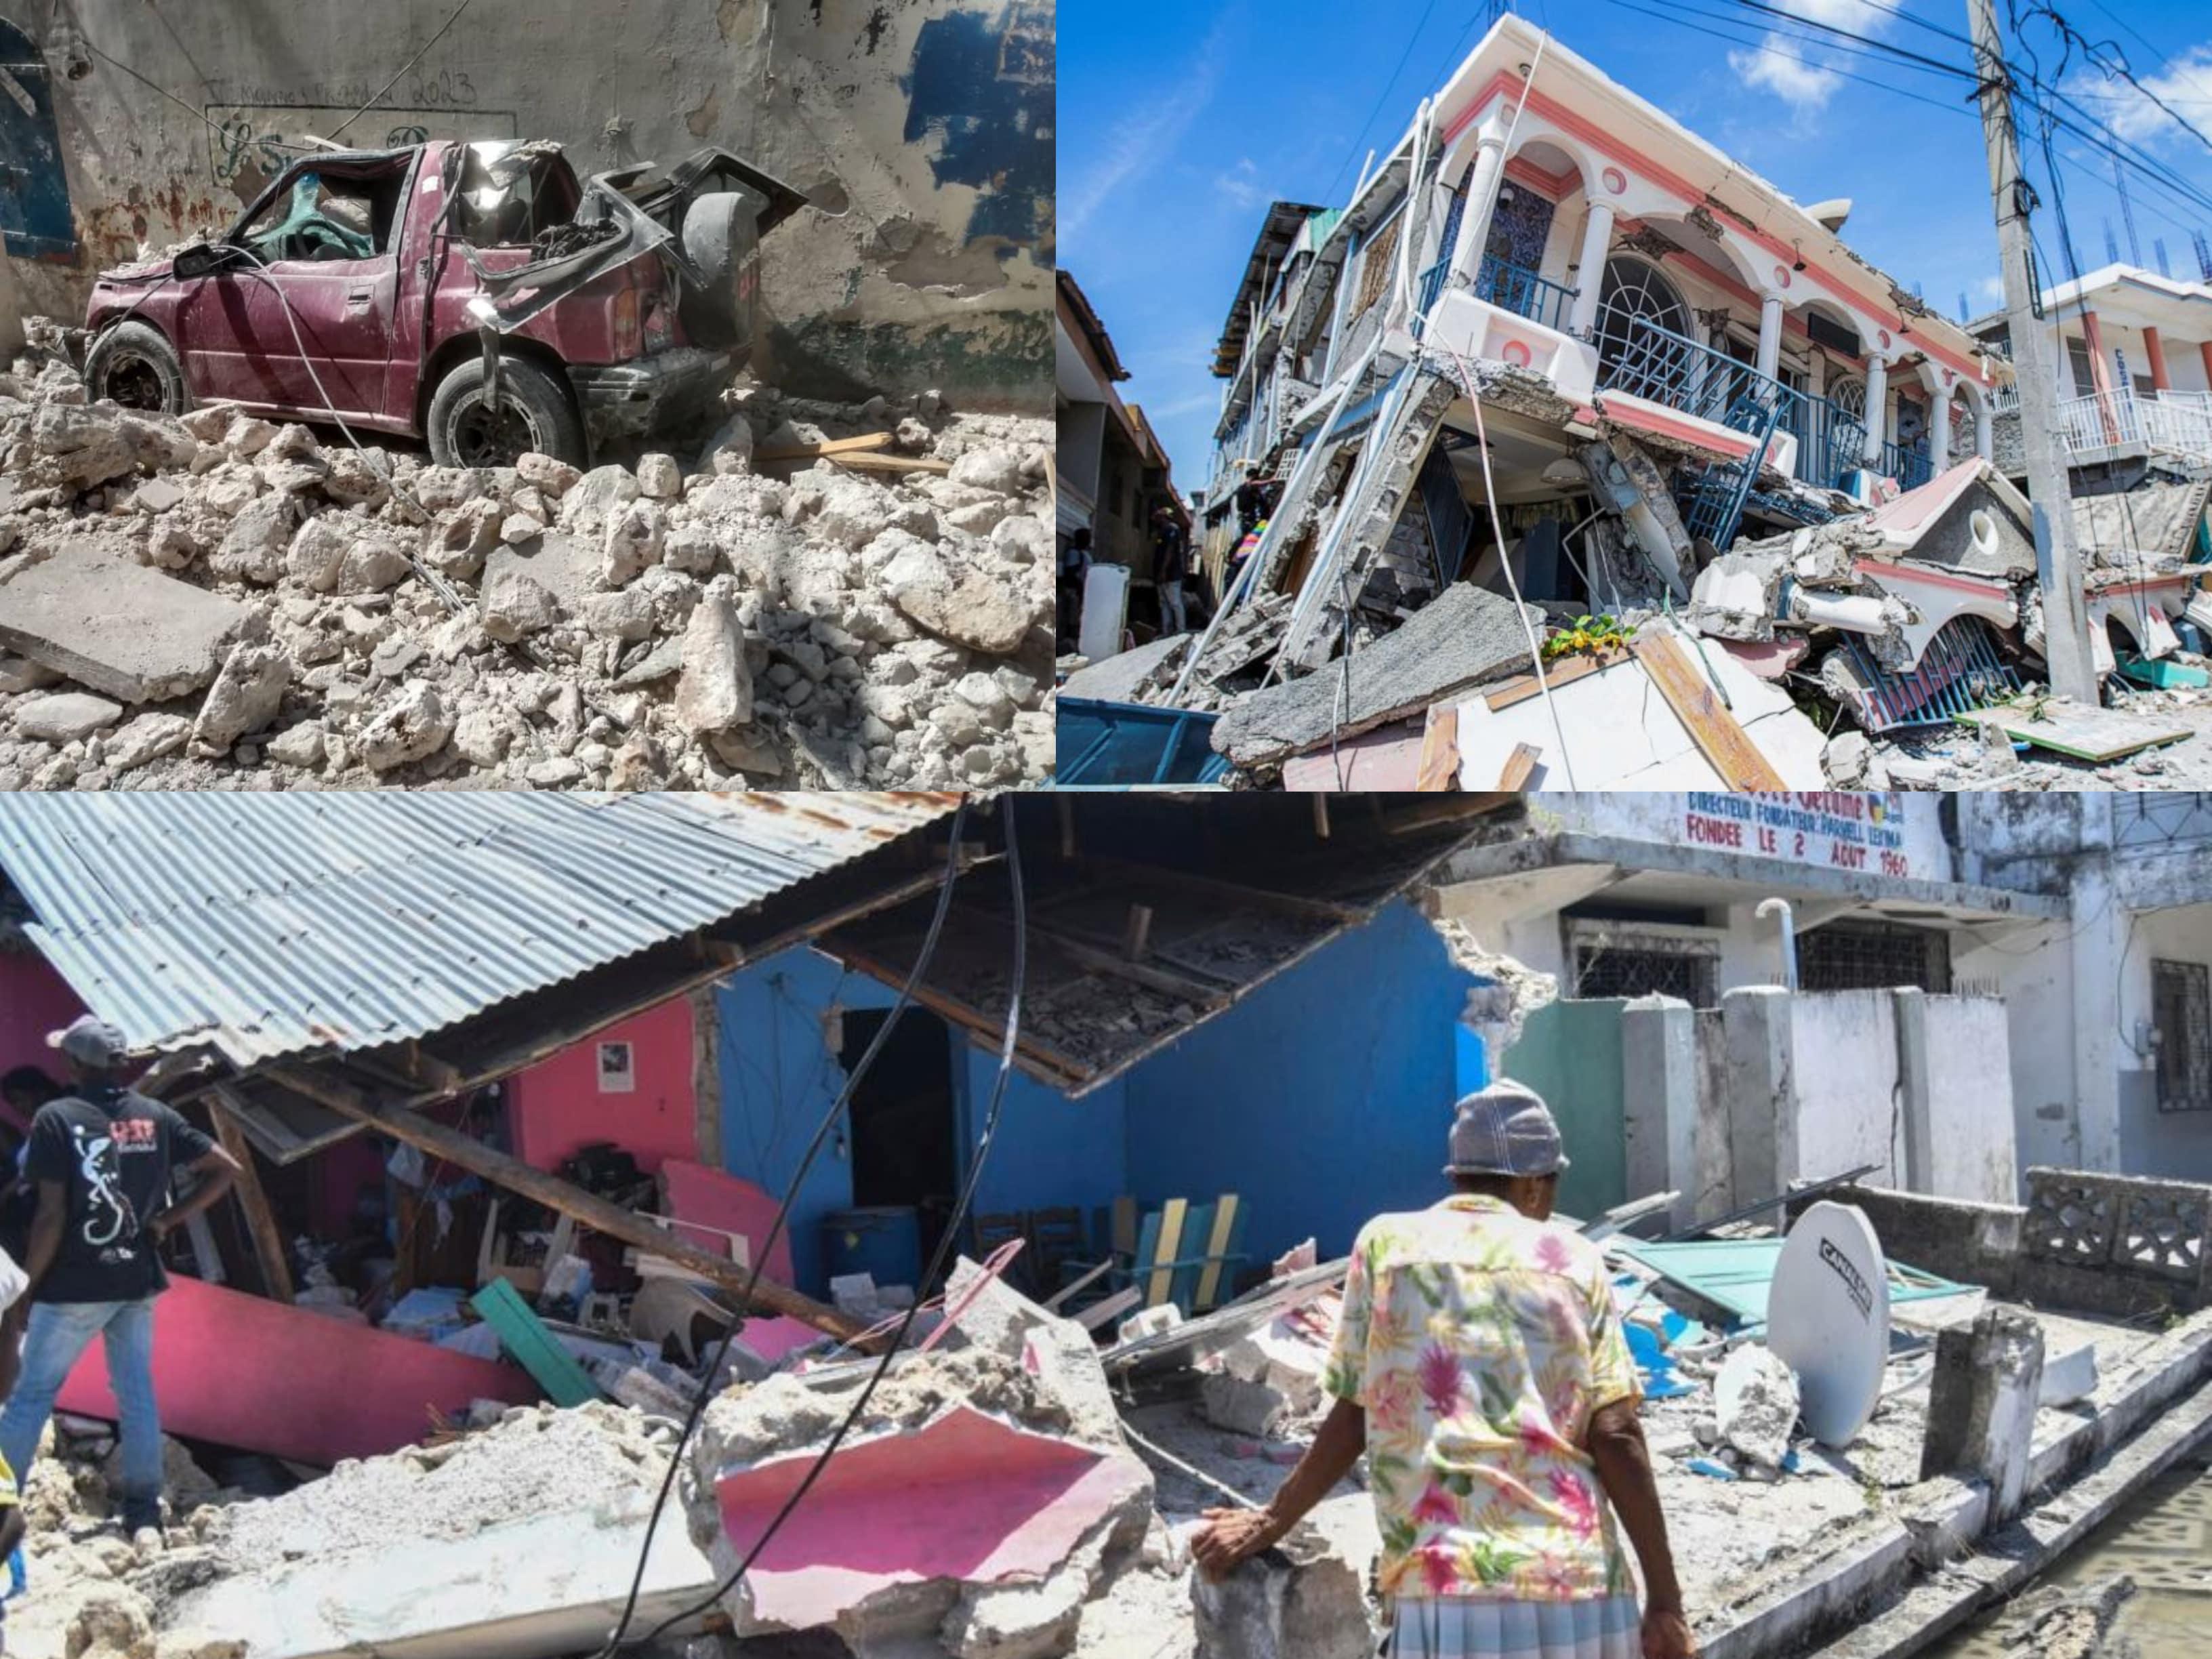 Bilanț negru în Haiti, după cutremurul de 7,2 grade. Numărul morților a ajuns la 724